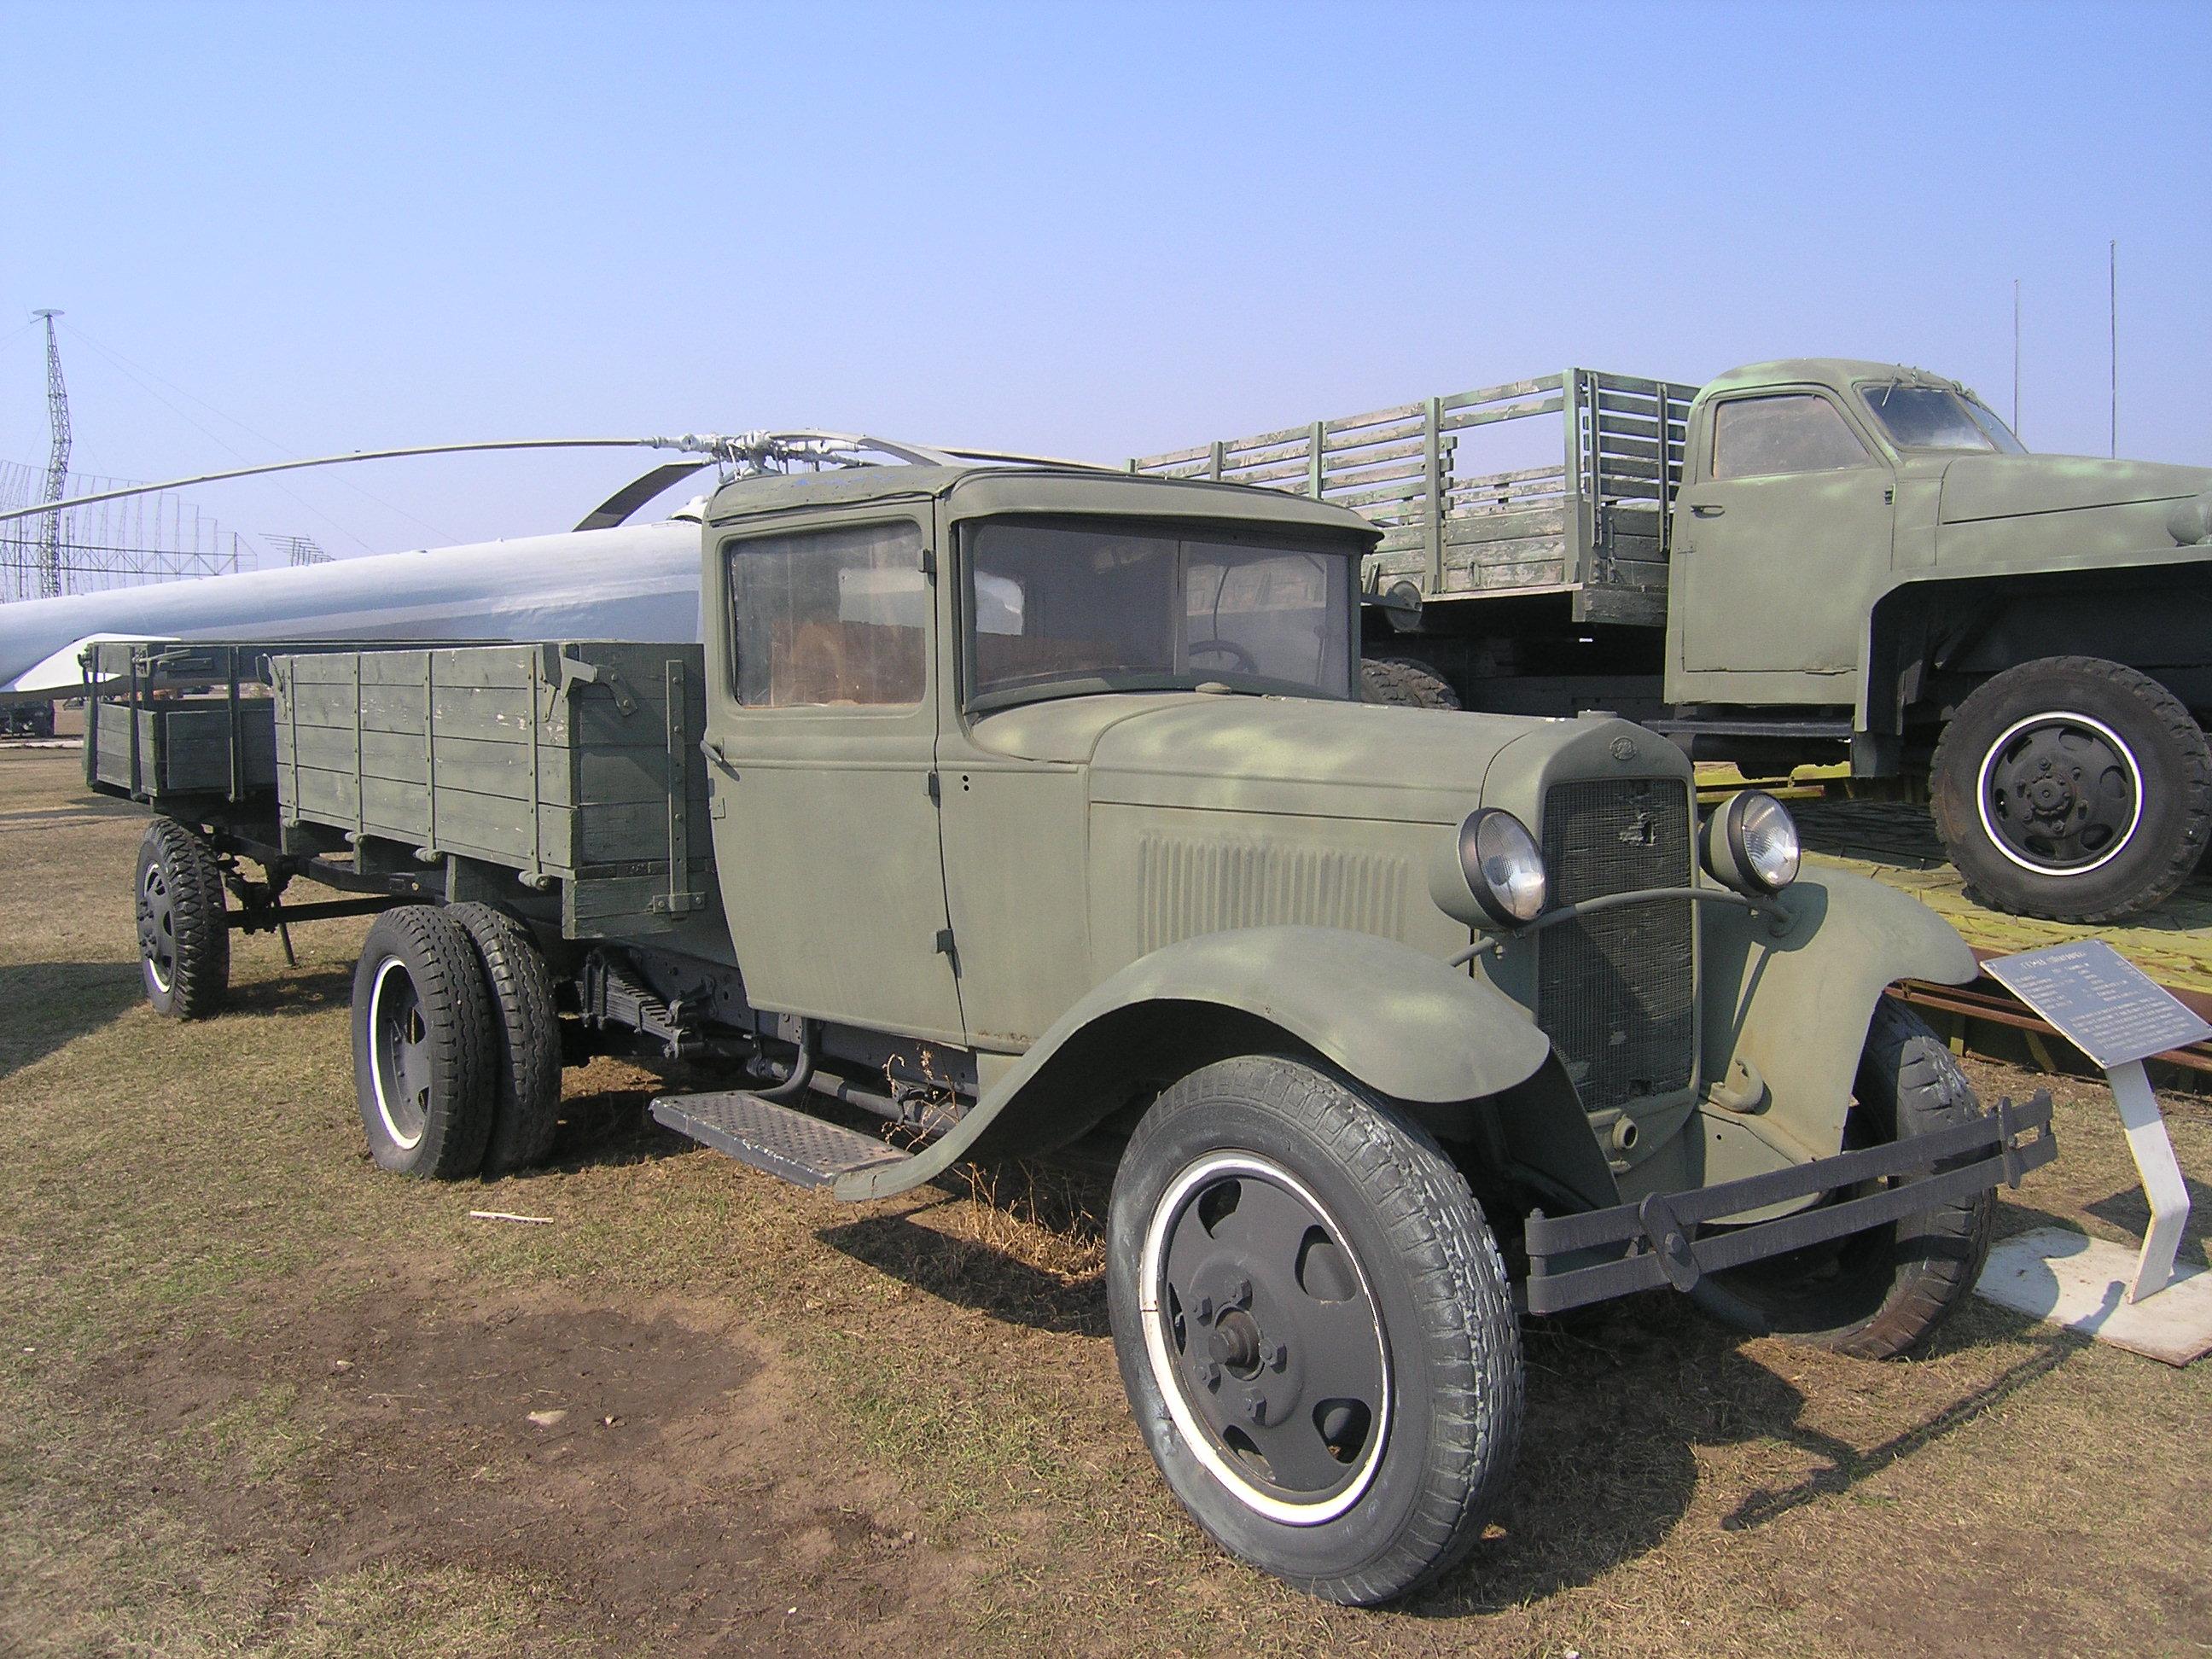 GAZ-AA_in_Technical_museum_Togliatti.JPG